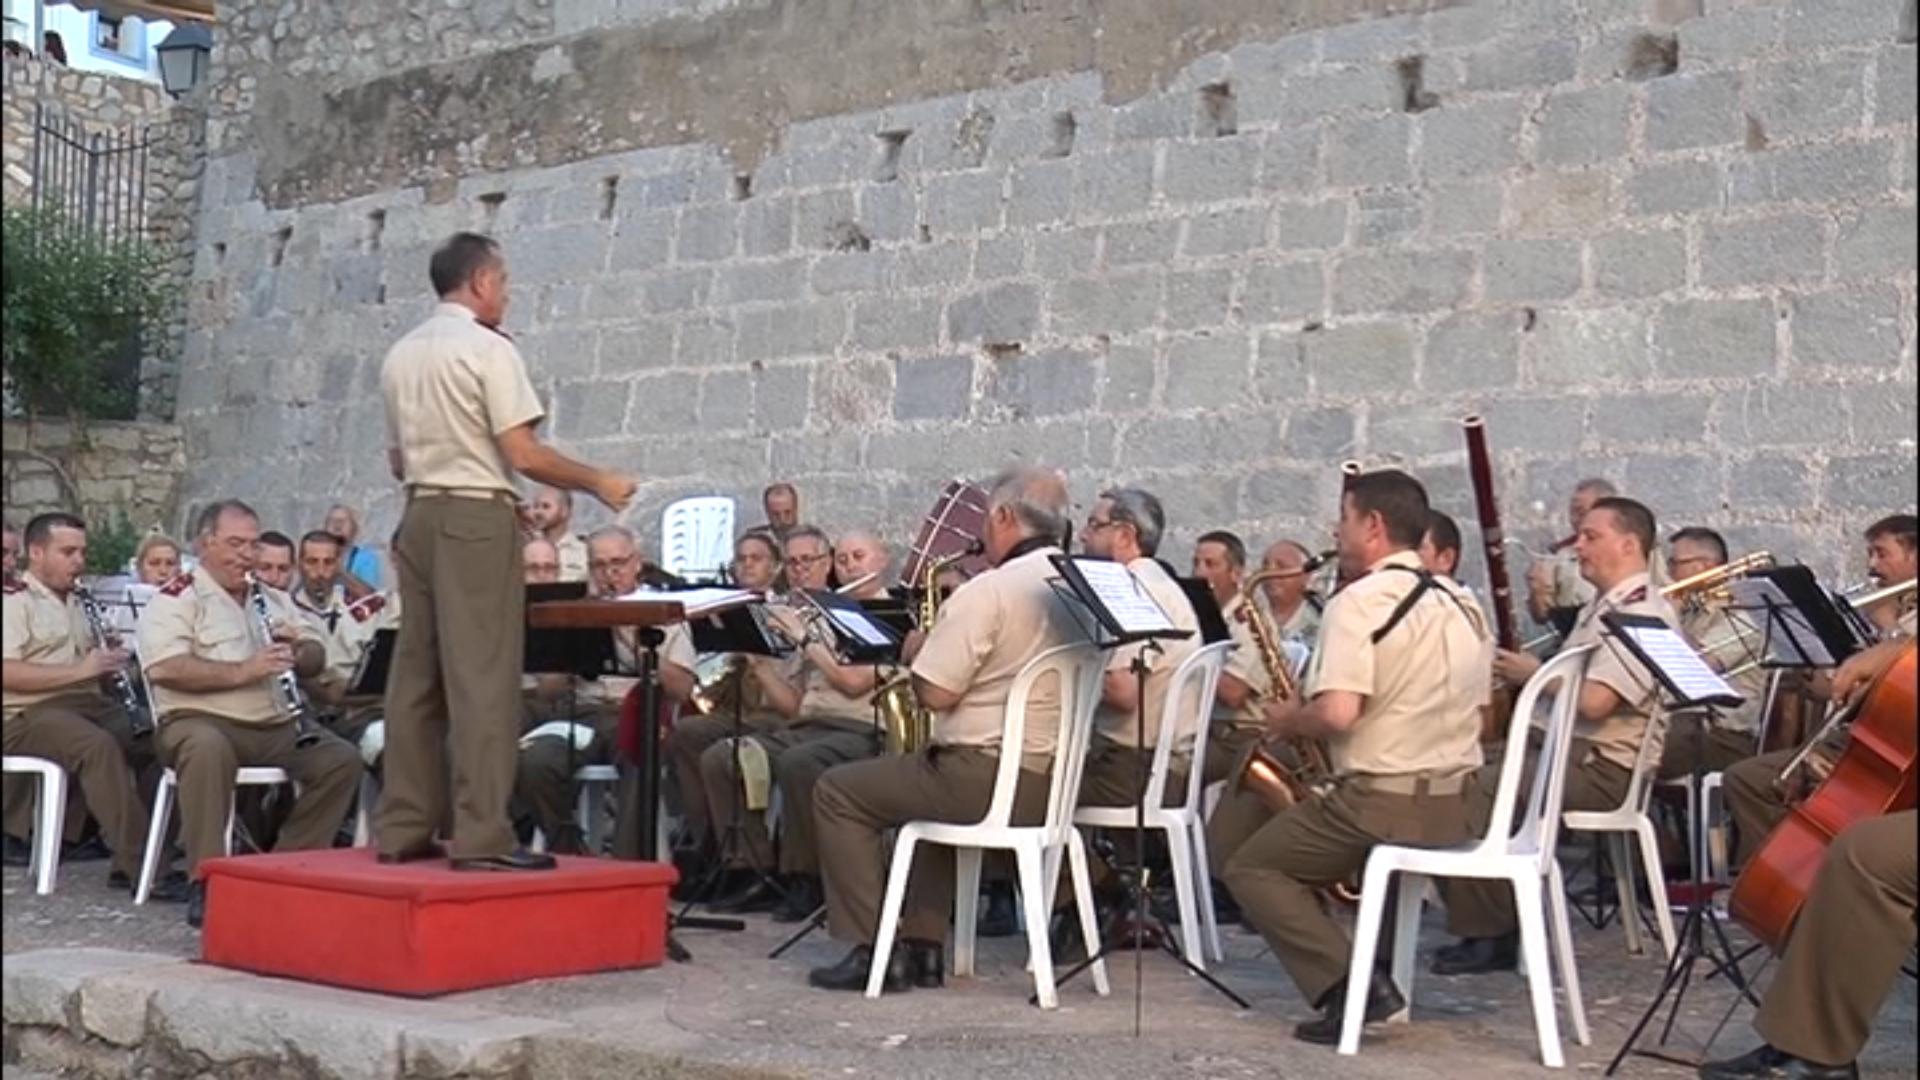 Peníscola, Concert Extraordinari de les Forces Armades a la província de Castelló